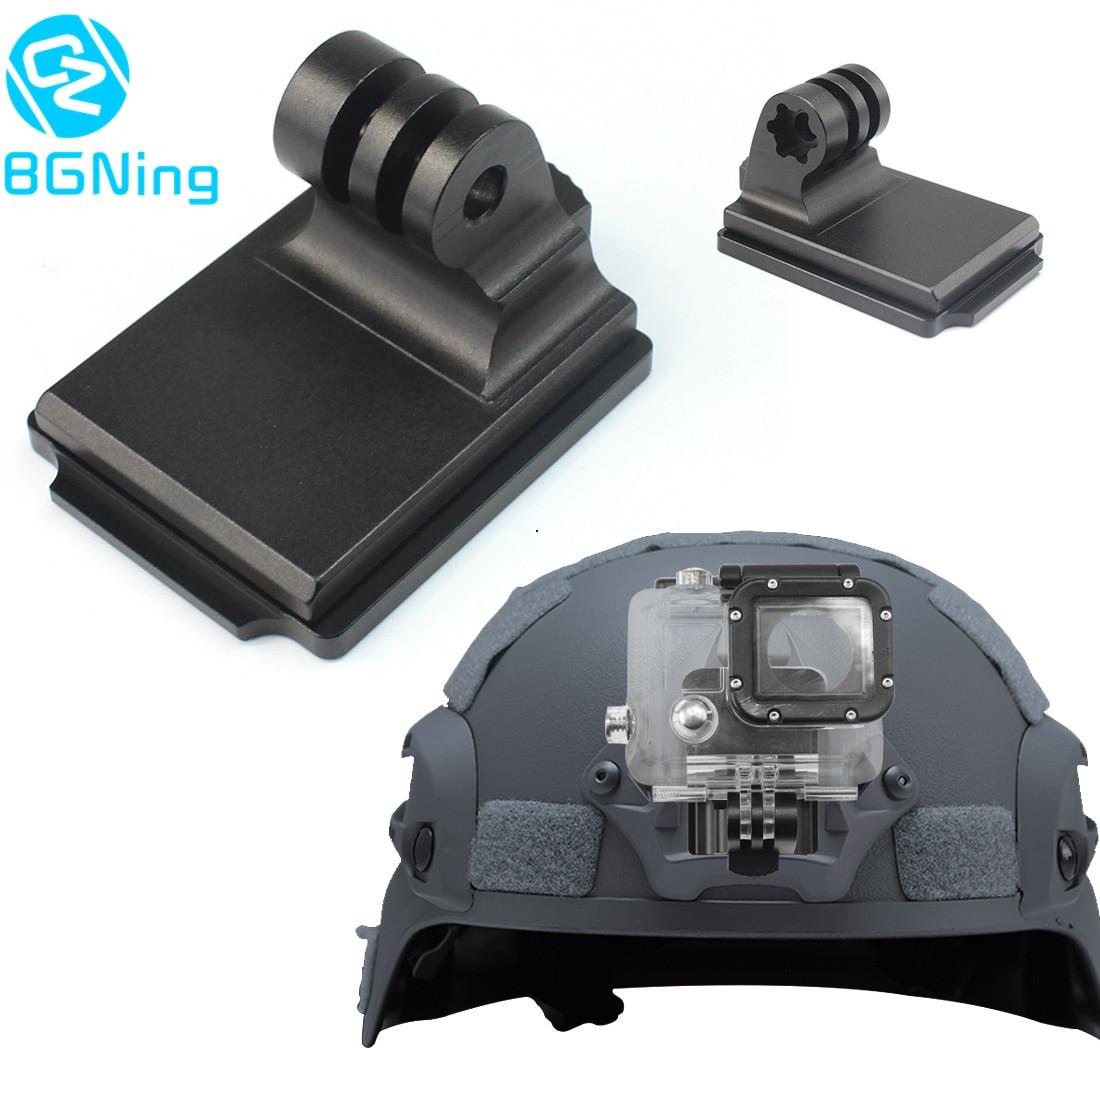 Aluminum Helmet Fixed Mount NVG Base Holder Adapter for GOPRO Hero 9 8 7 4 5 6 Session yi Sjcam EKEN Action Video Sports Cameras